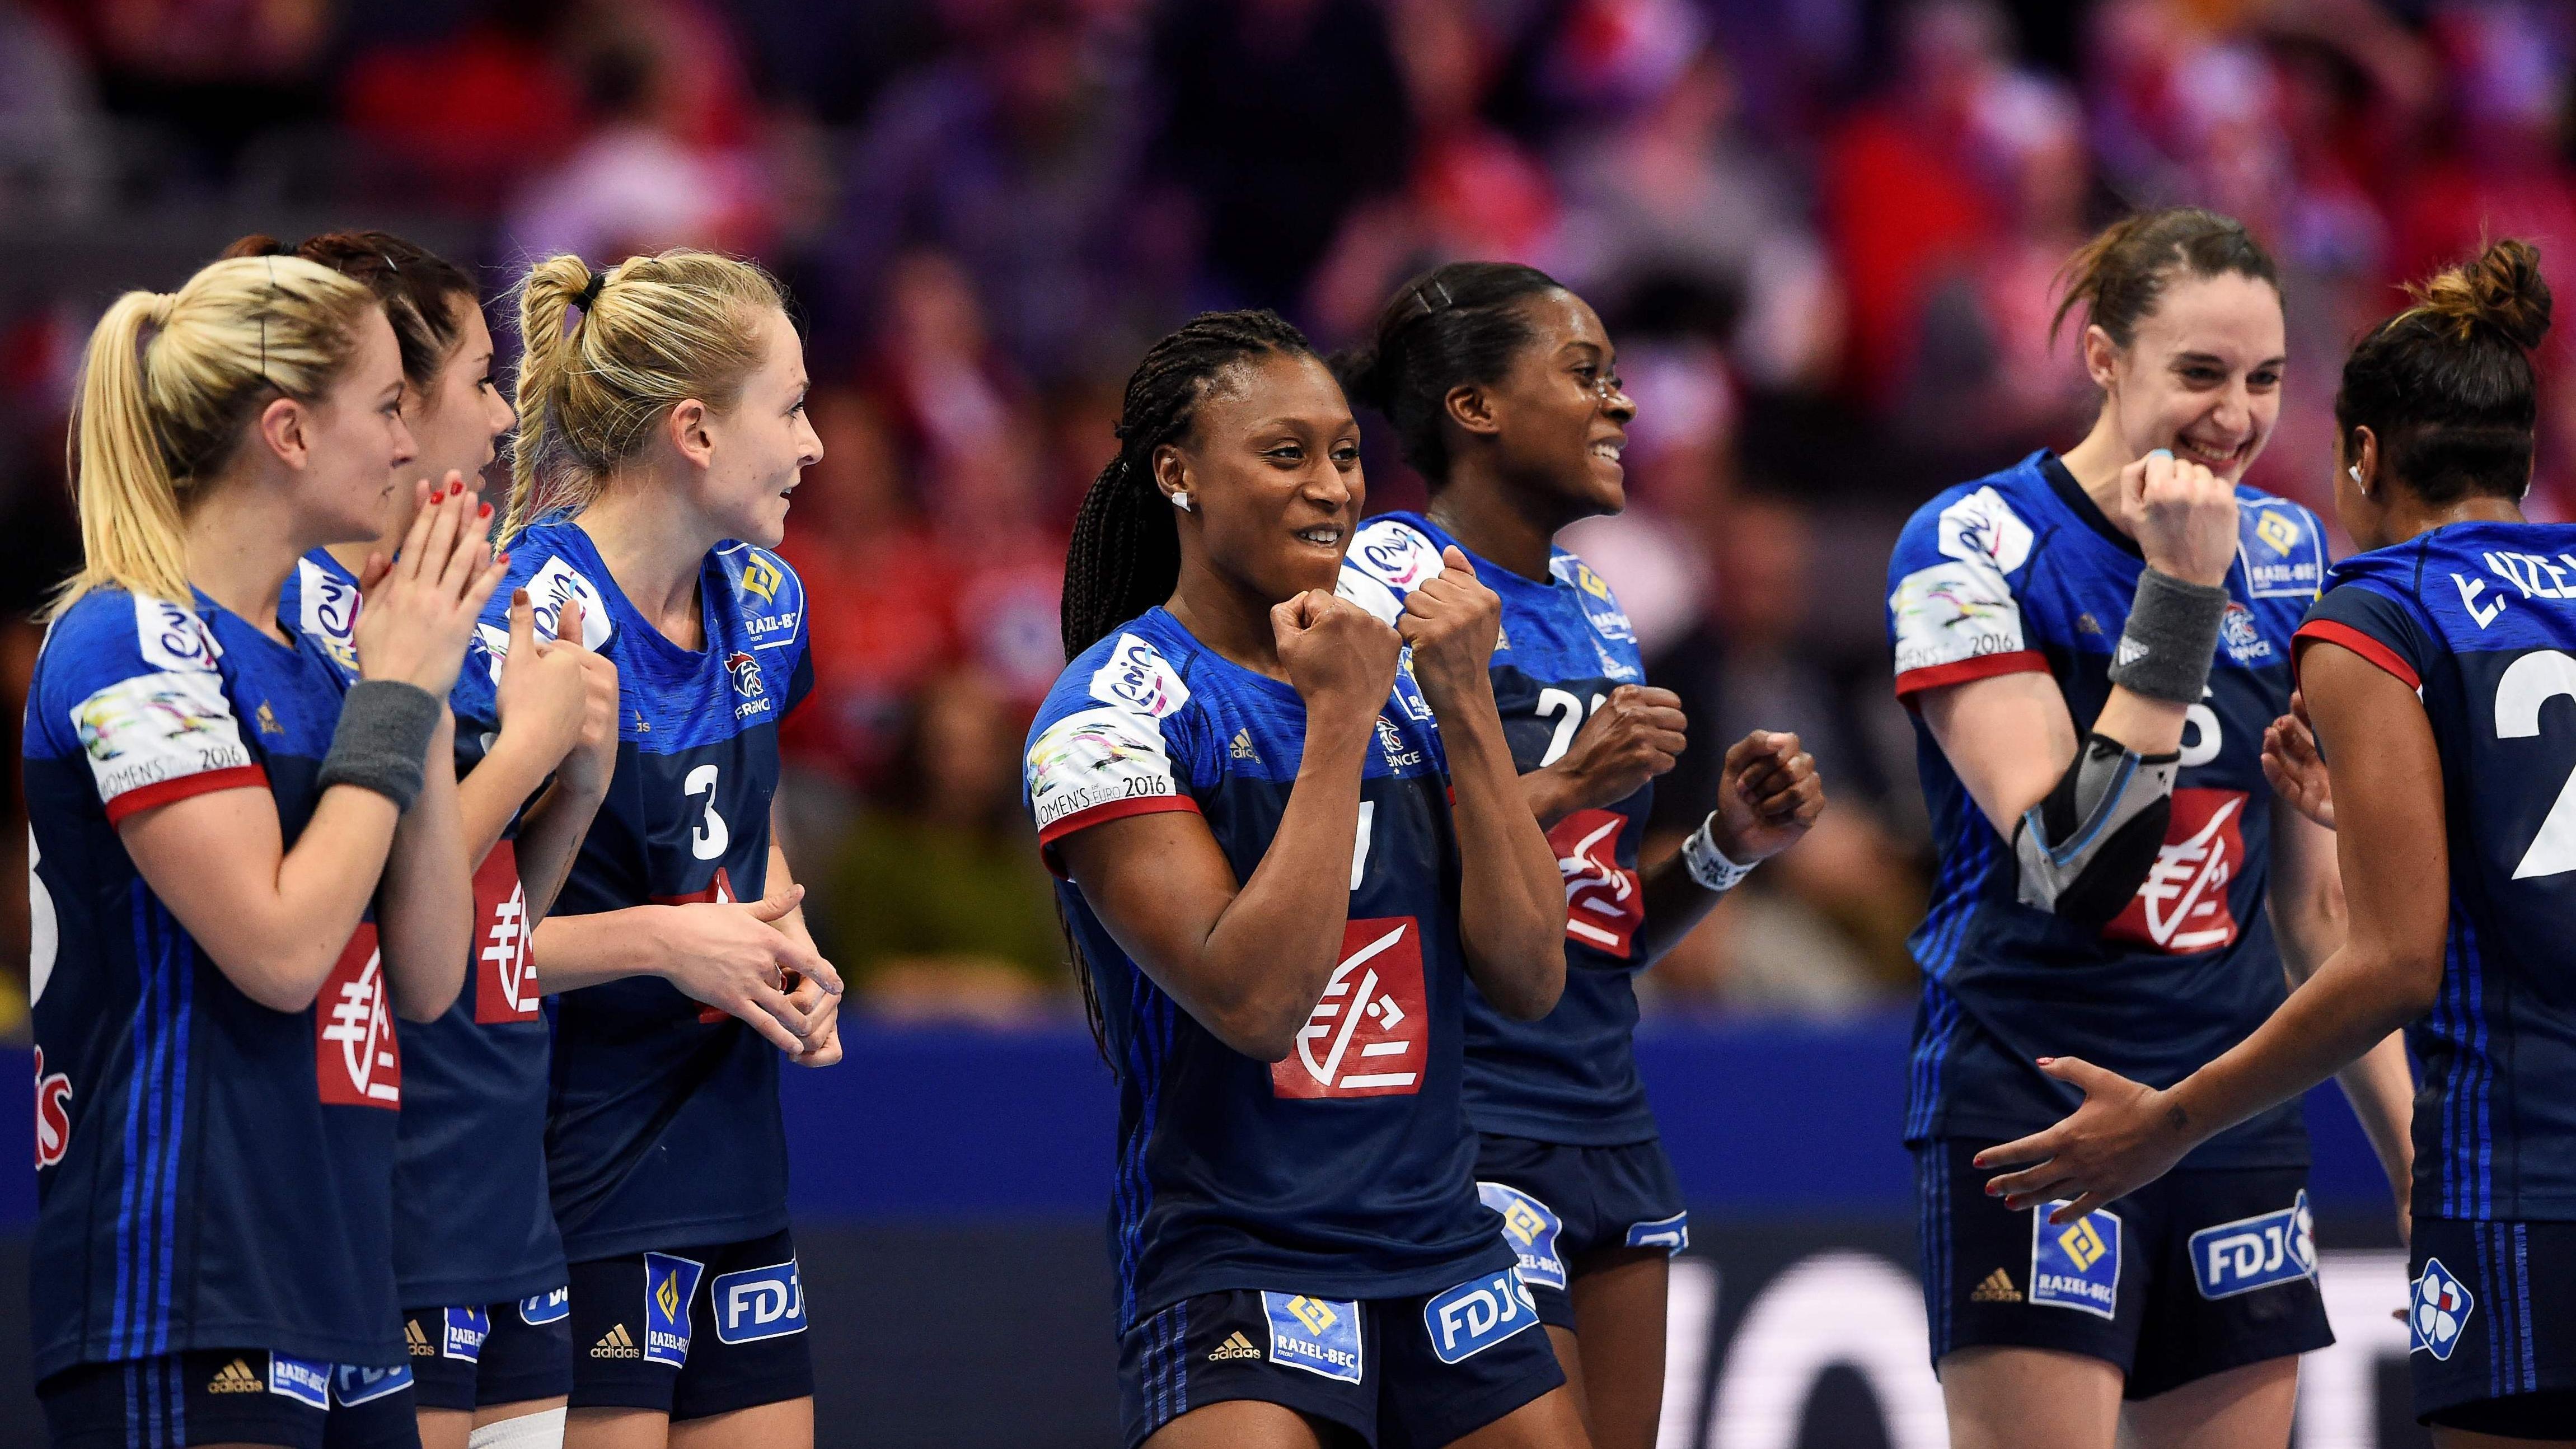 264806a4b ME piłkarek ręcznych 2016: brązowy medal dla reprezentacji Francji - Piłka  ręczna